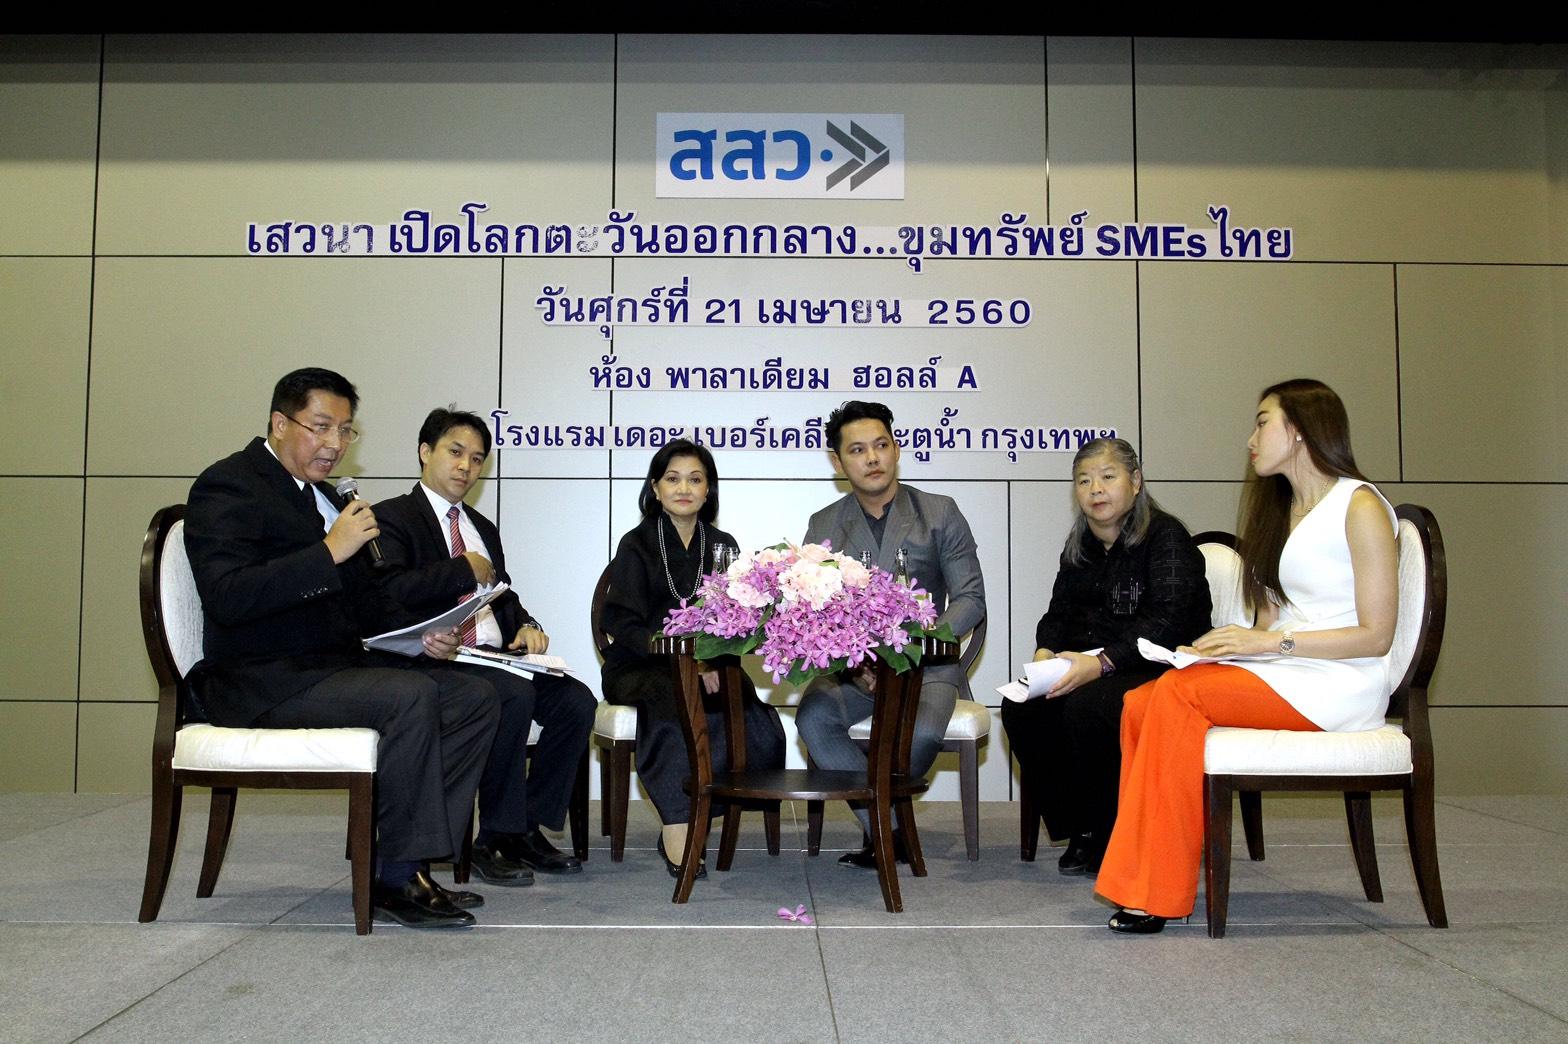 Thailand News - 23-04-17 4 Thai SMEs eye Omani market